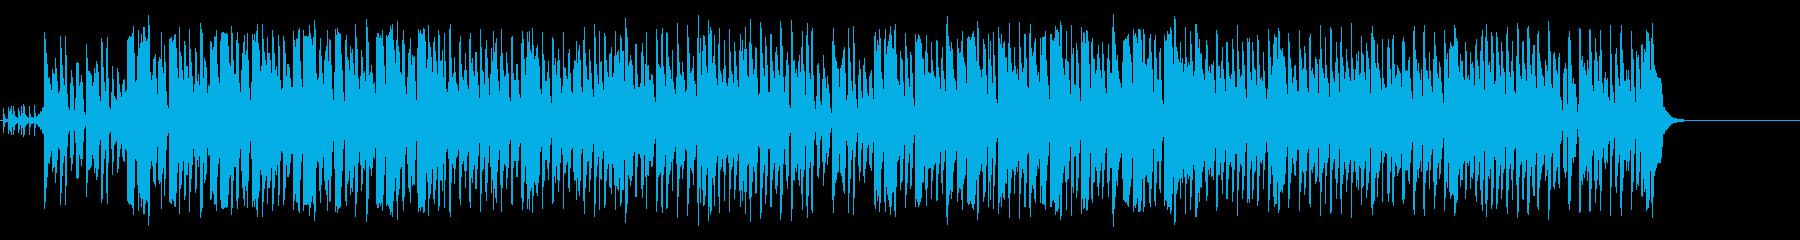 子供達のとぼけたアニメ風コミカル/ポップの再生済みの波形